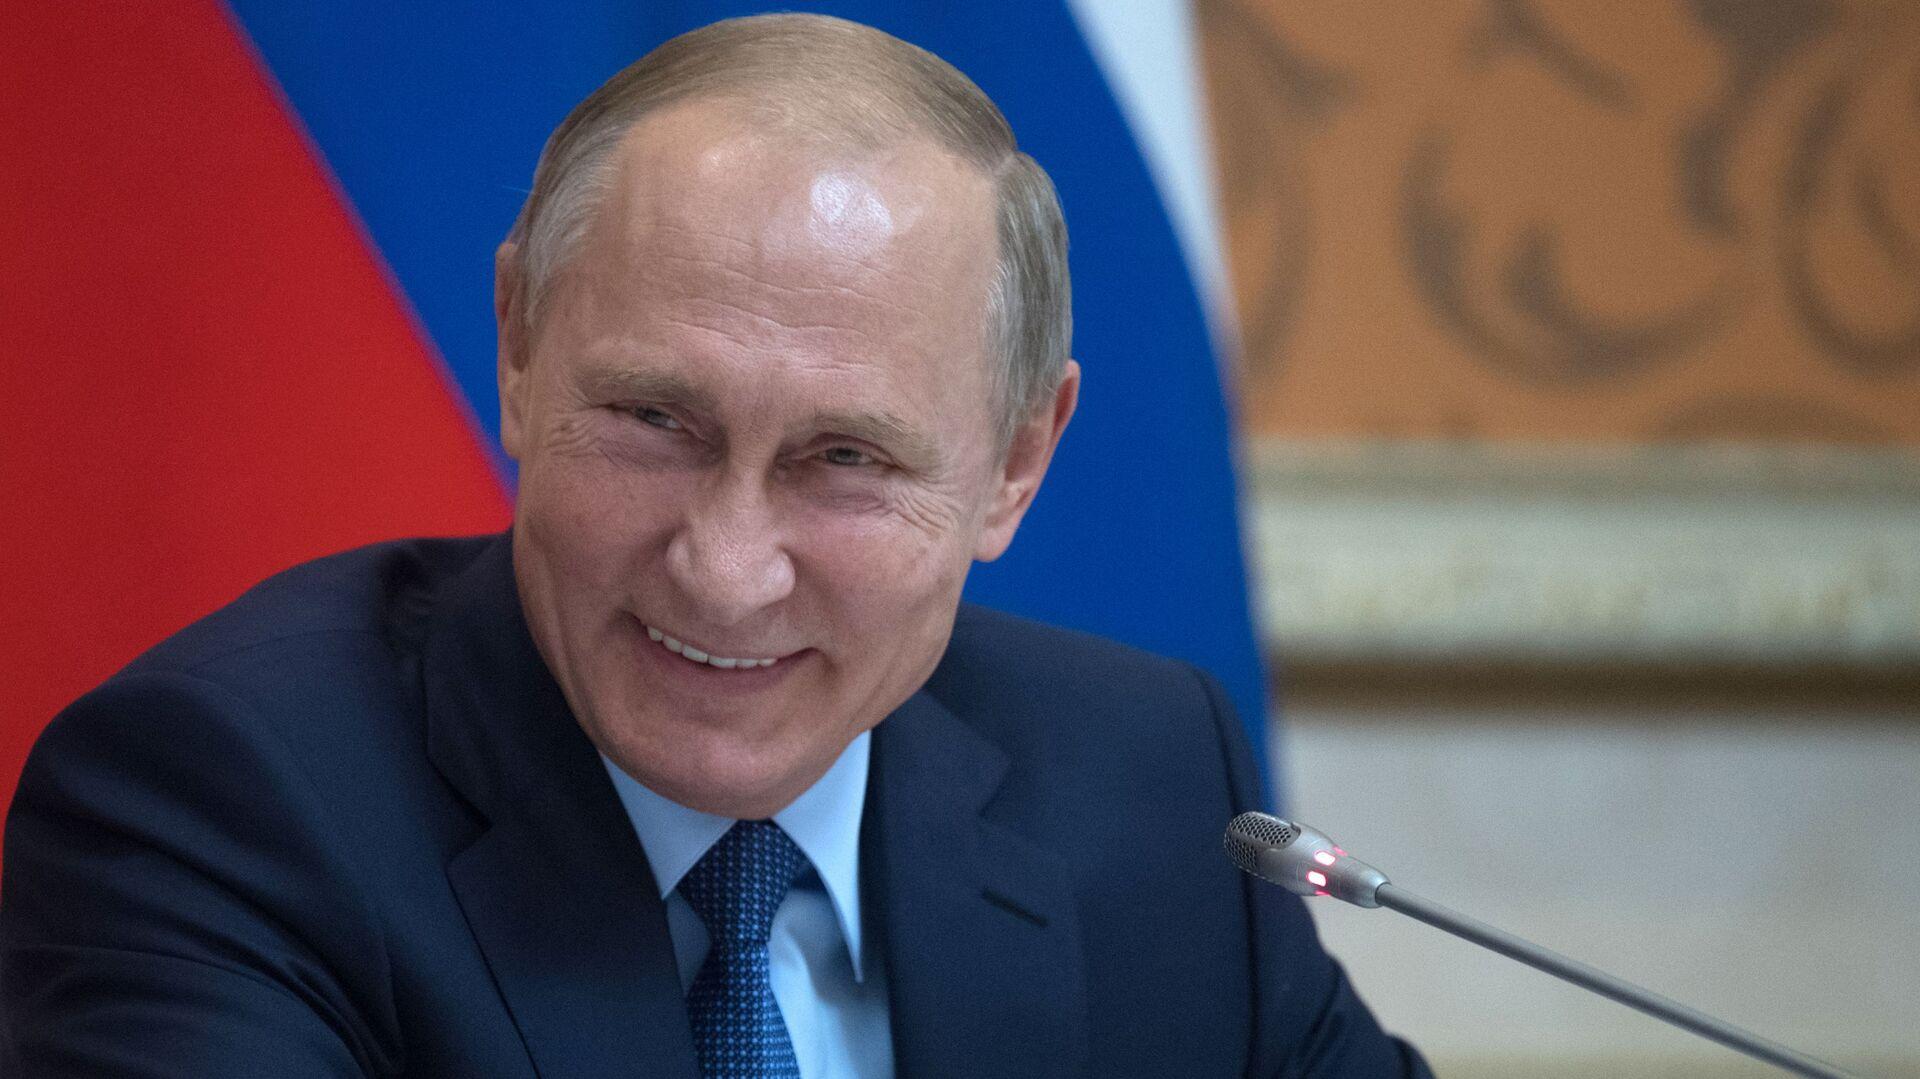 Ruský prezident Vladimir Putin - Sputnik Česká republika, 1920, 01.06.2021